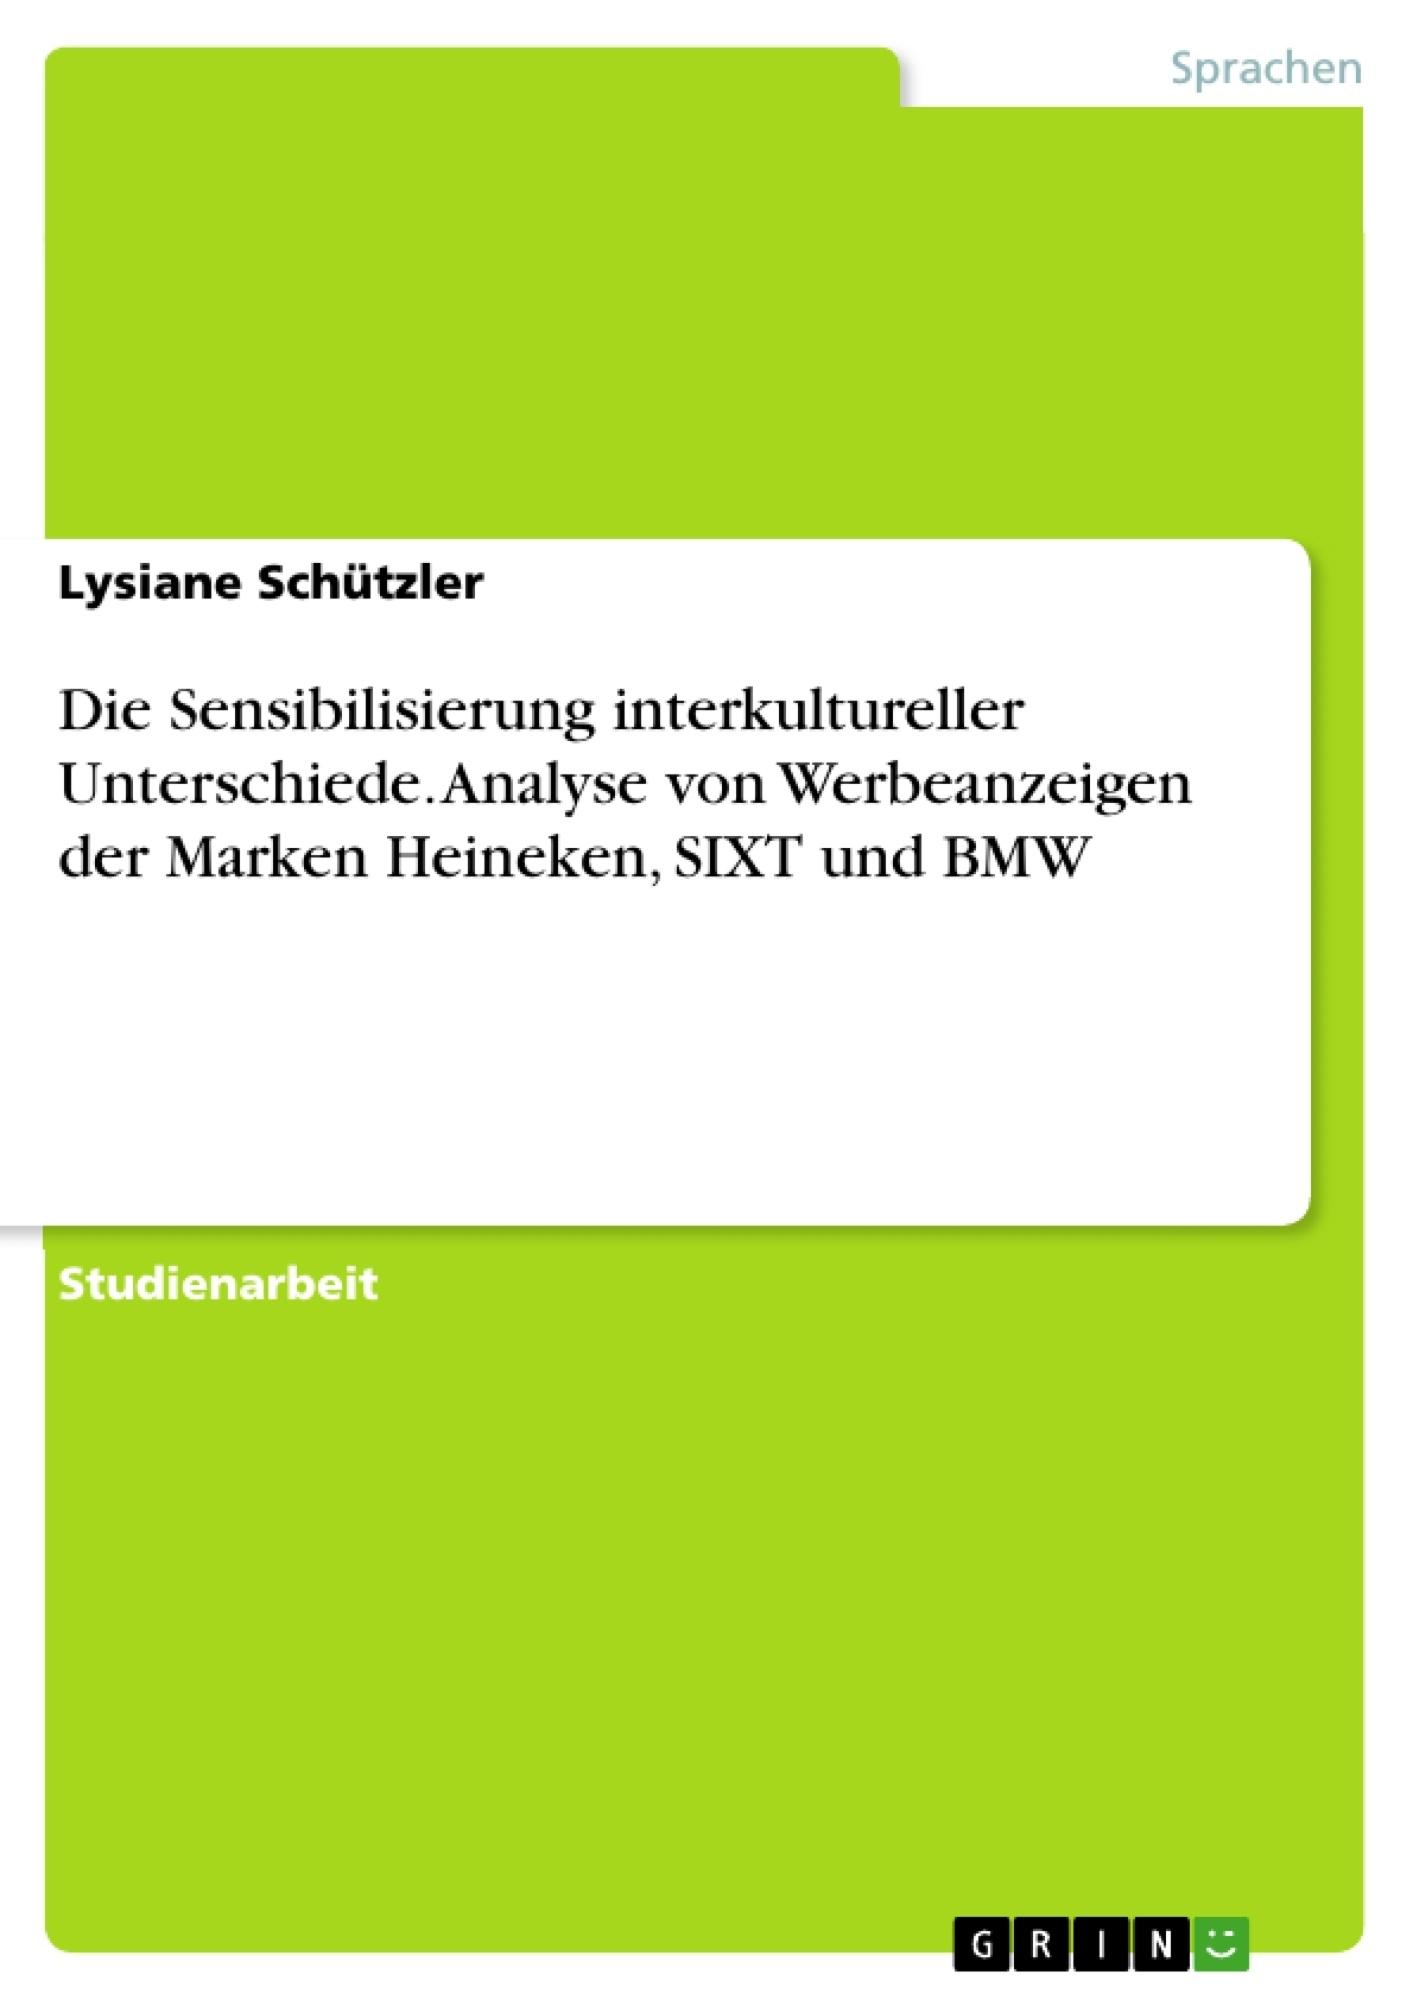 Titel: Die Sensibilisierung interkultureller Unterschiede. Analyse von Werbeanzeigen der Marken Heineken, SIXT und BMW